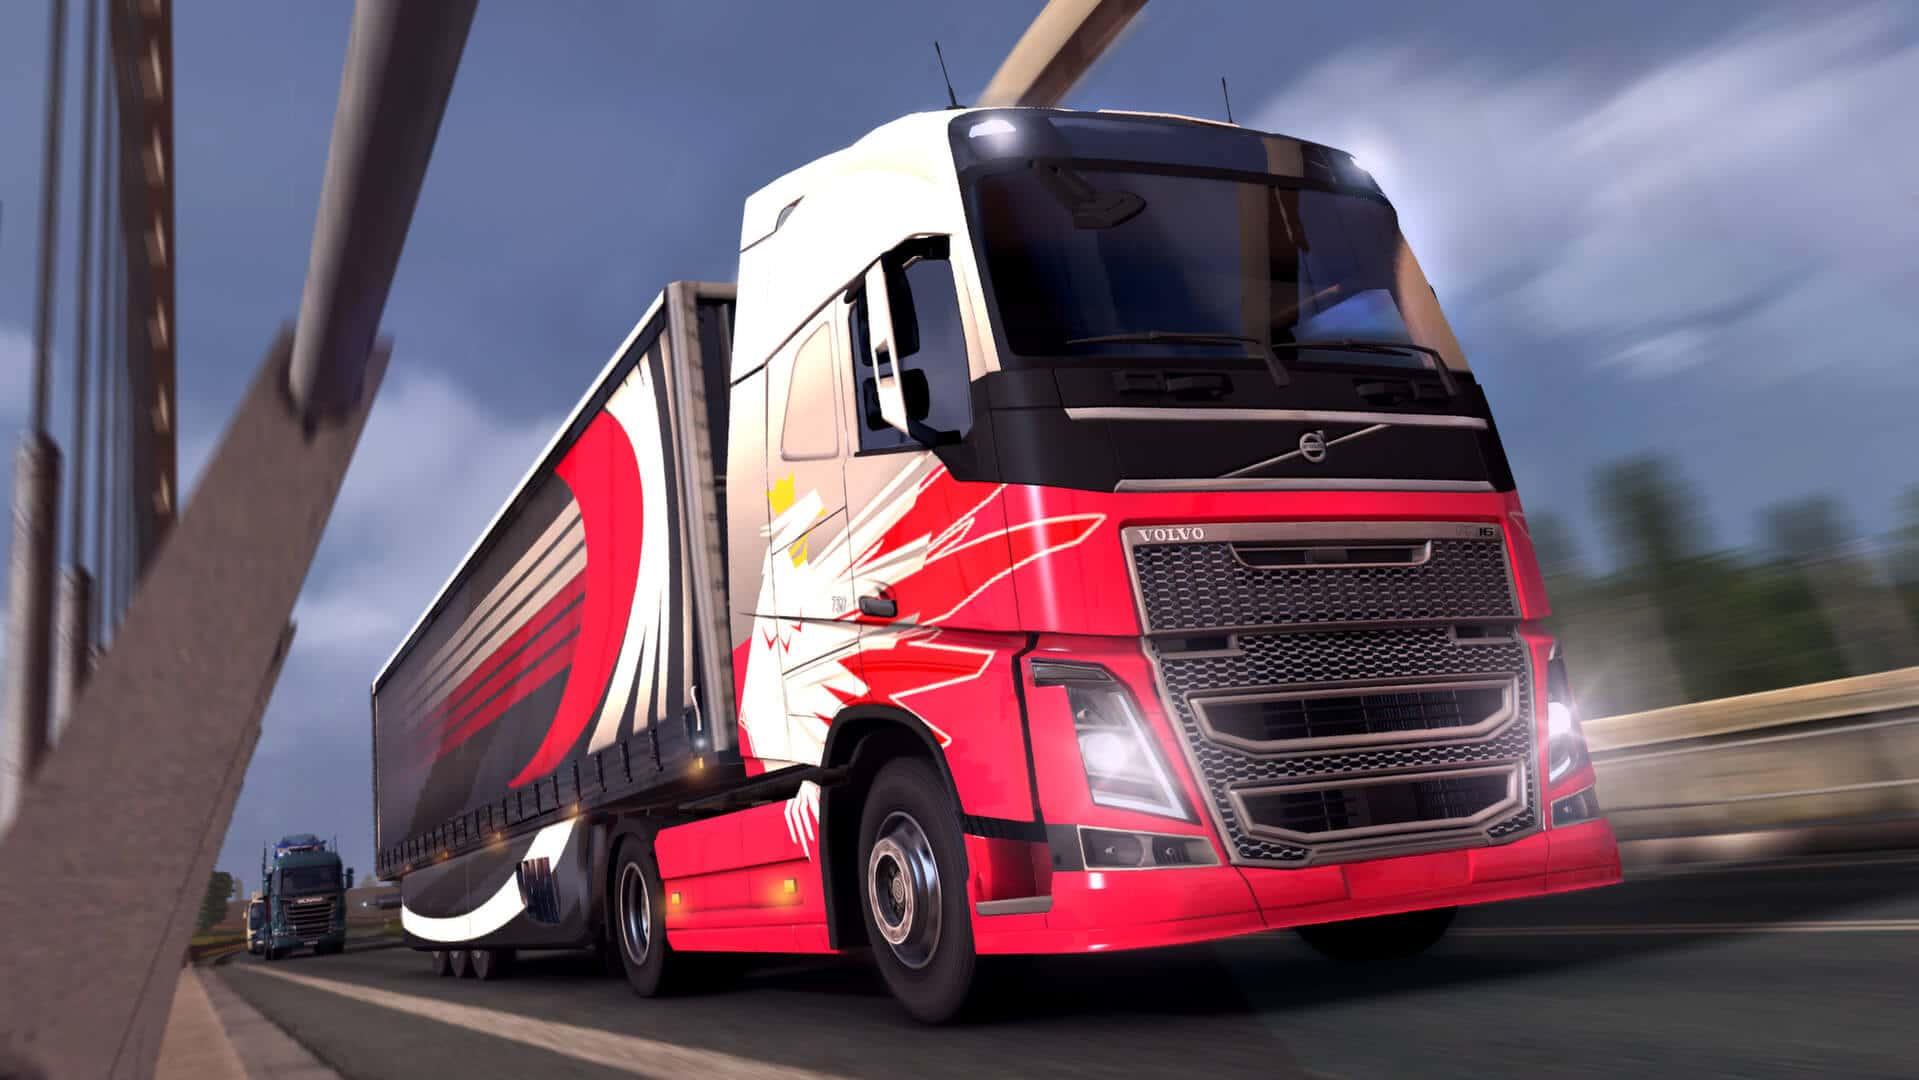 Можно ли играть по сети в Euro Truck Simulator 2 через пиратскую версию?